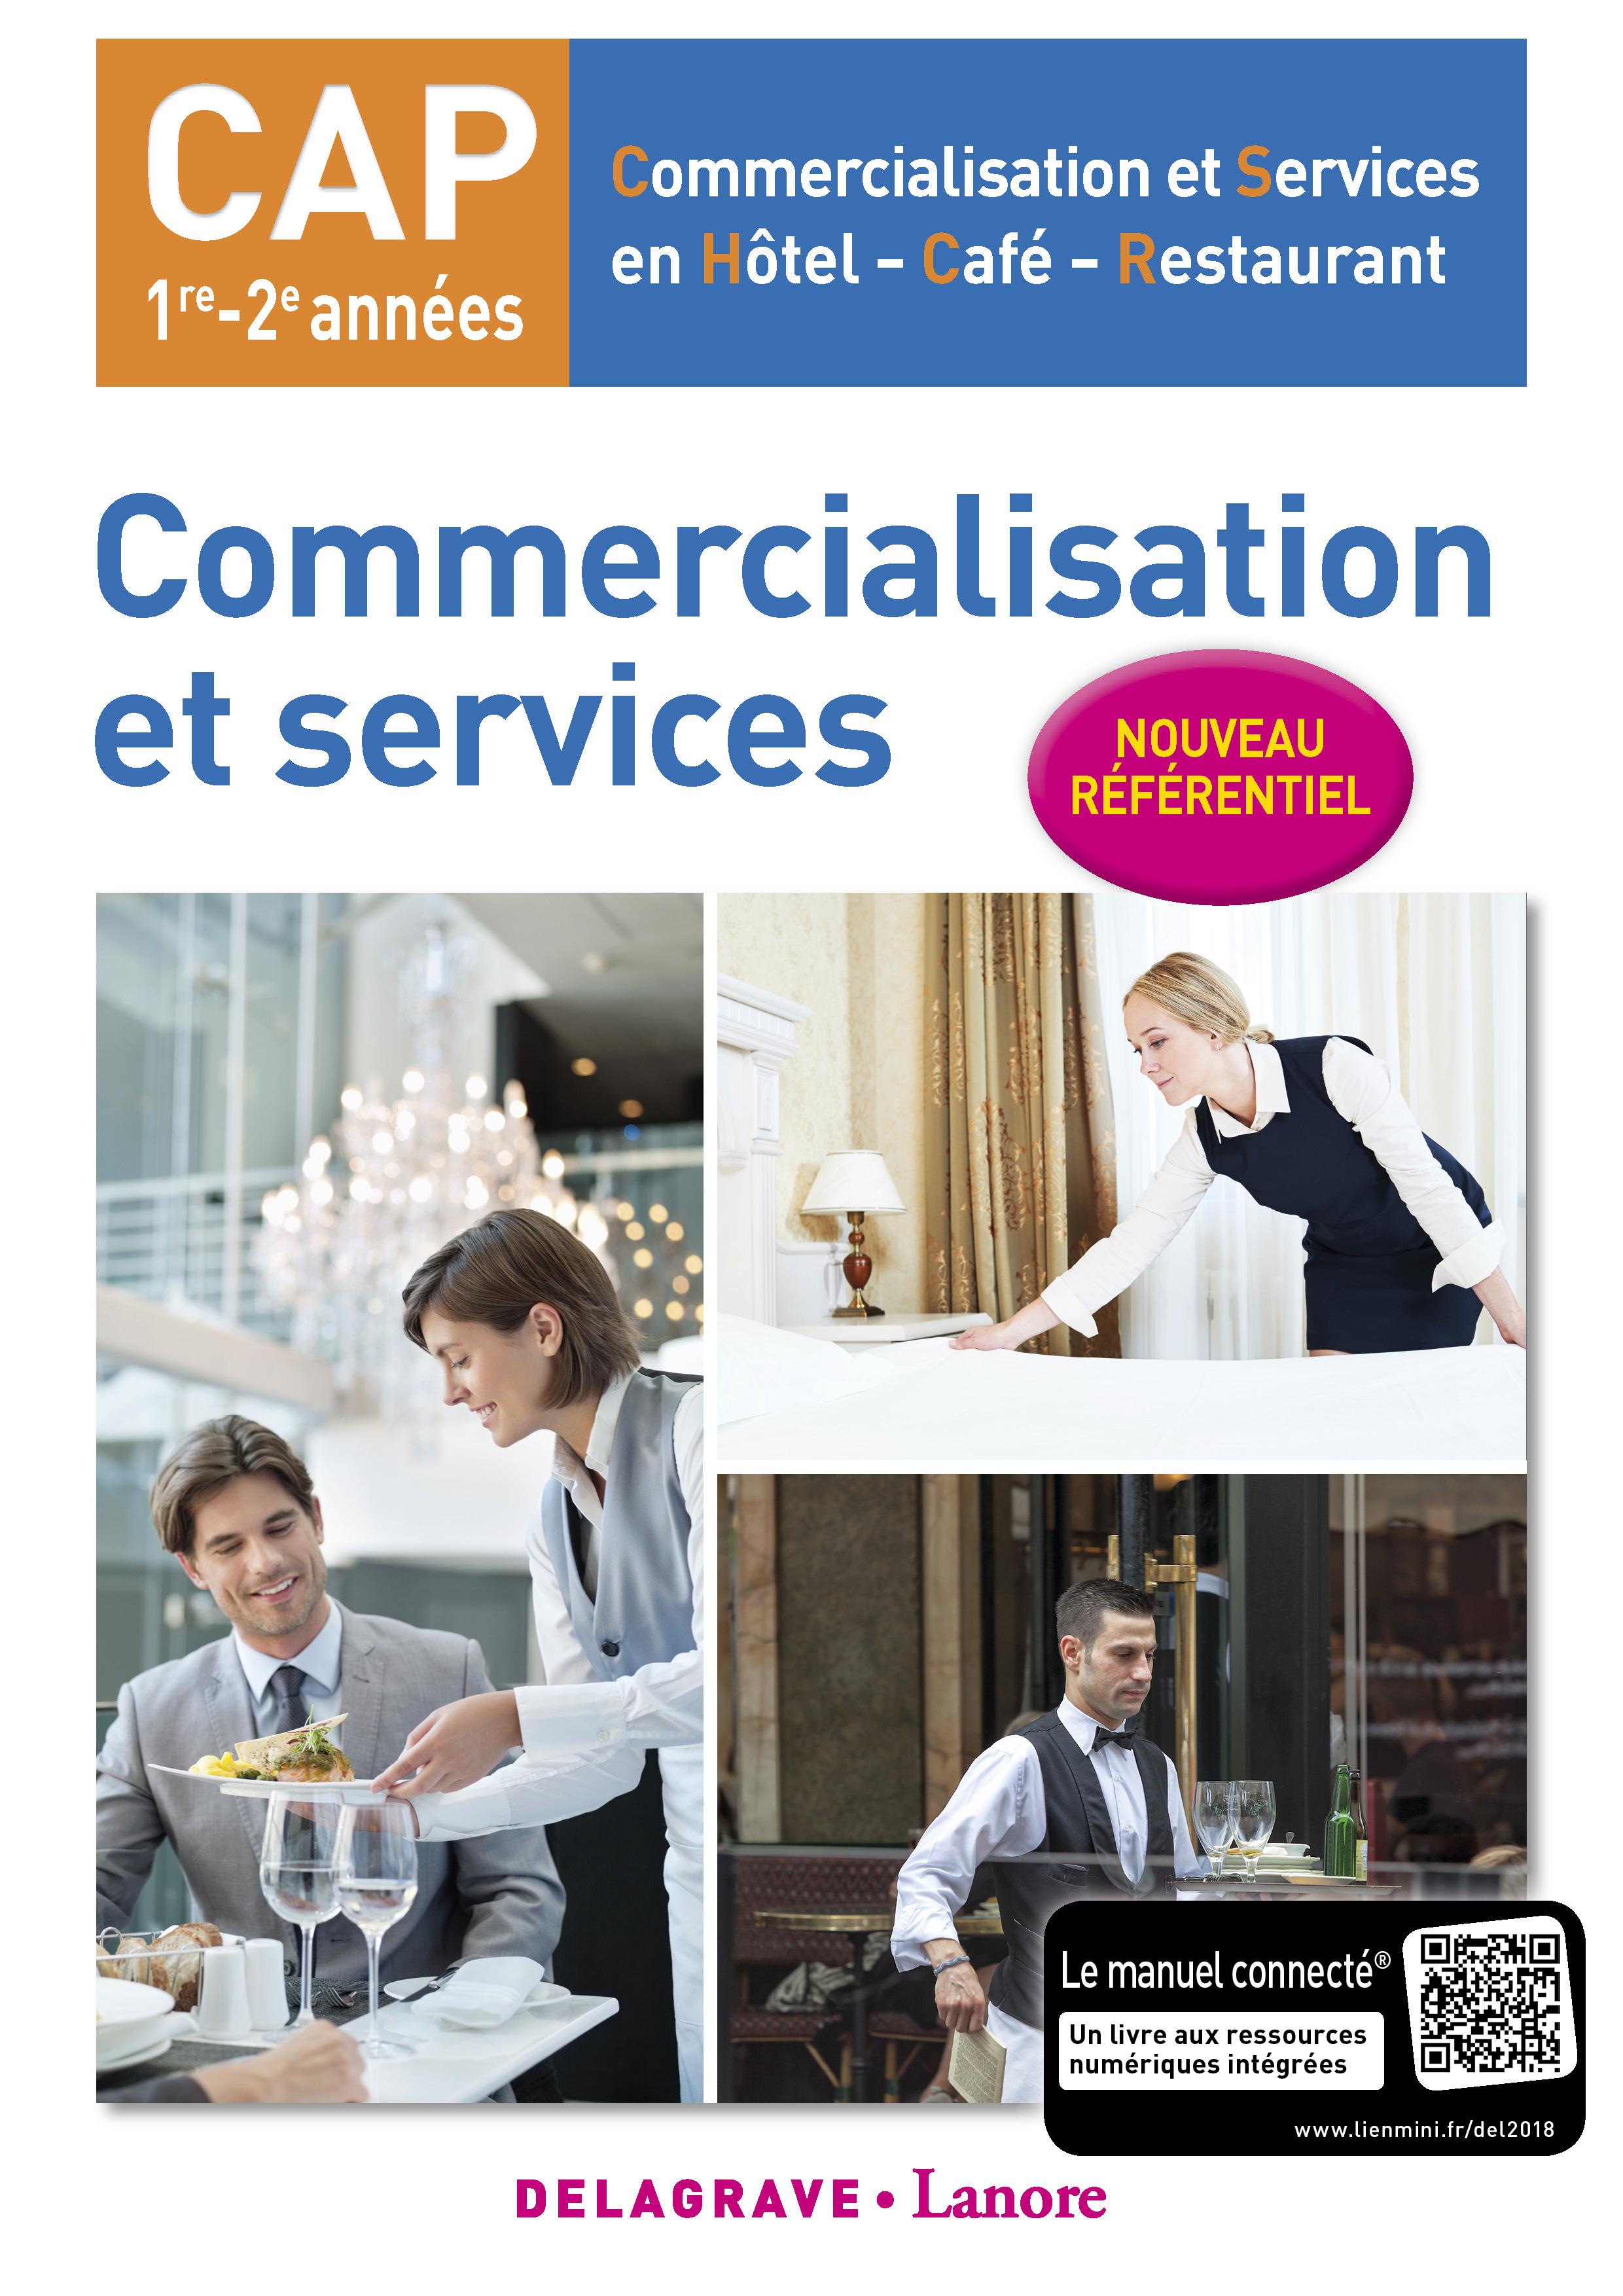 Commercialisation et services cap cshcr 2018 pochette for Referentiel cap cuisine